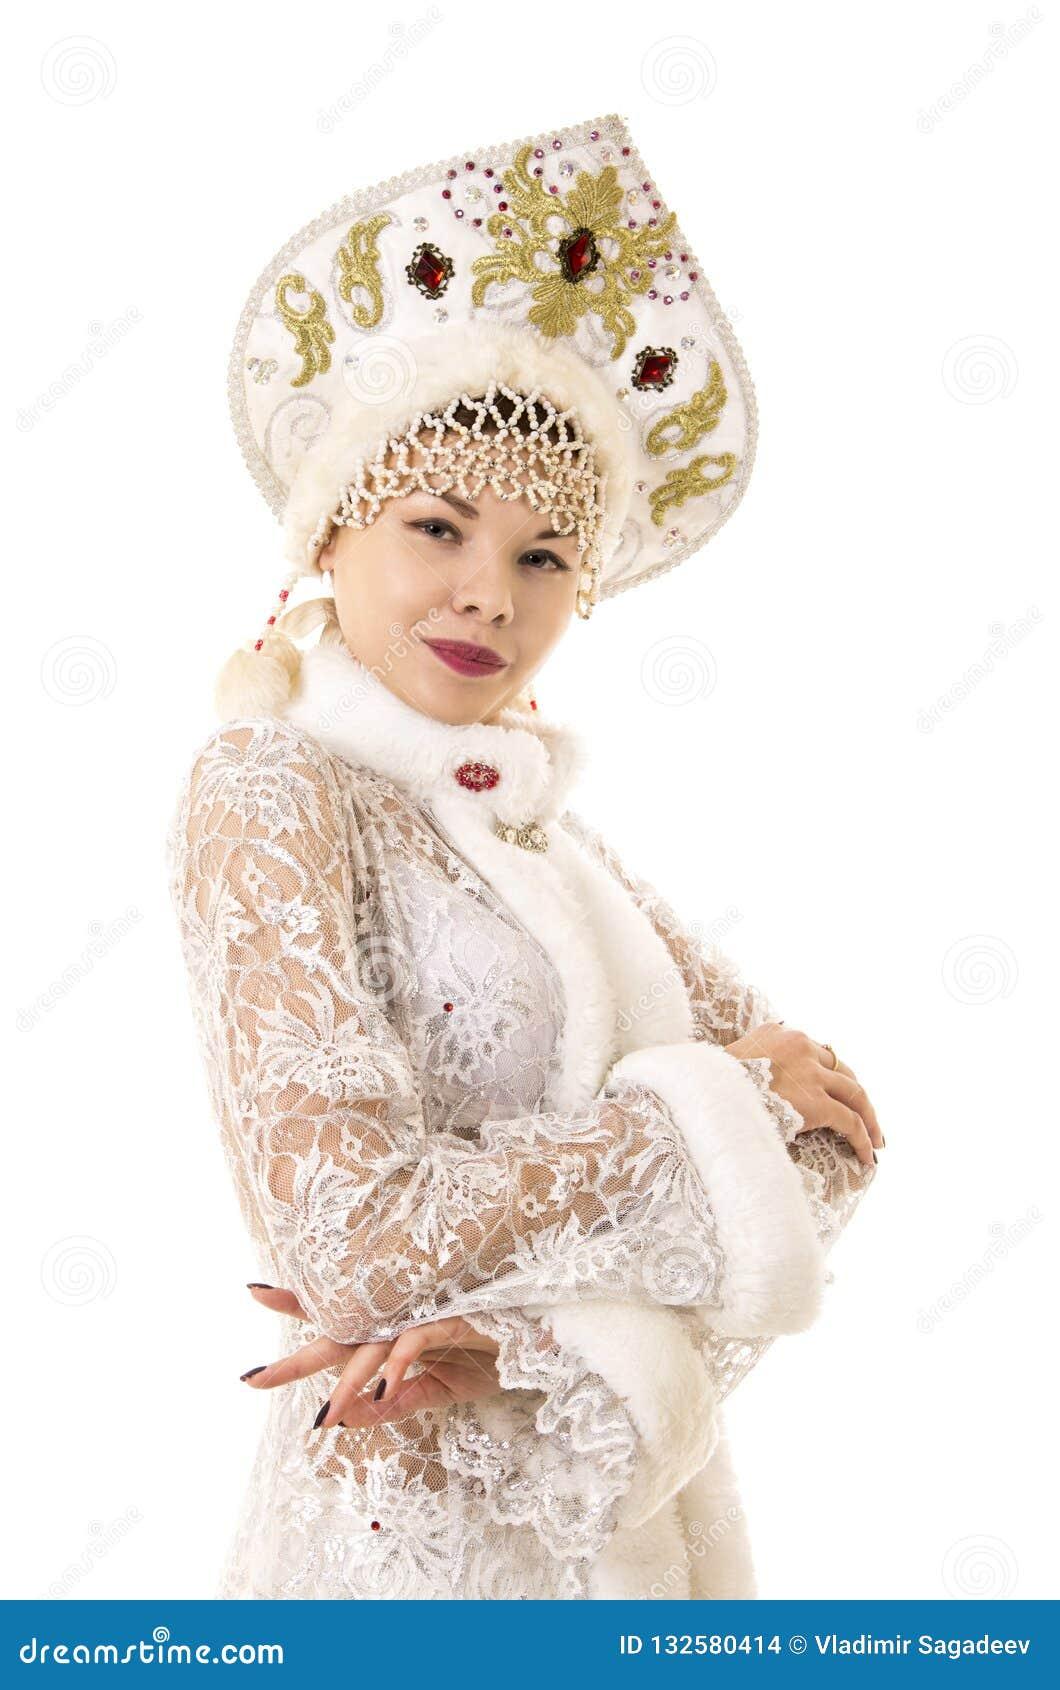 Η όμορφη, ευτυχής, συναισθηματική νέα γυναίκα έντυσε όπως το χαμόγελο Άγιου Βασίλη Χριστούγεννο-νέο έτος καρναβάλι